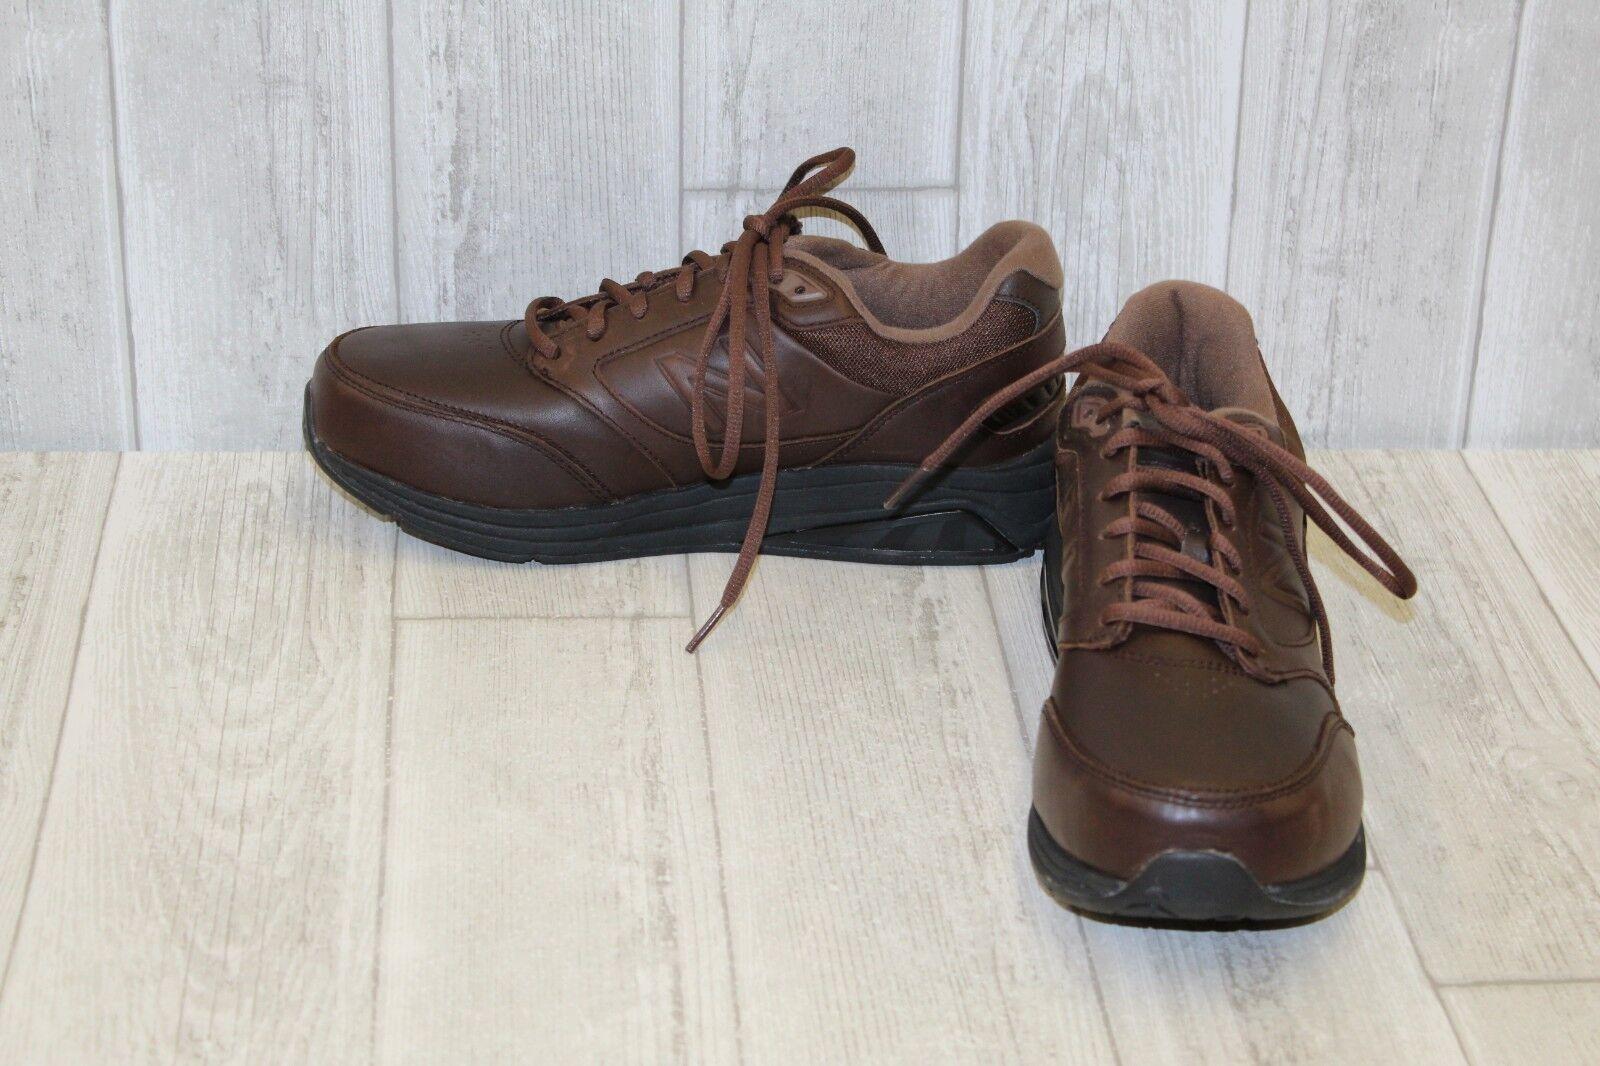 Zapatos para caminar, New Balance 928v2 para hombres E, Marrón